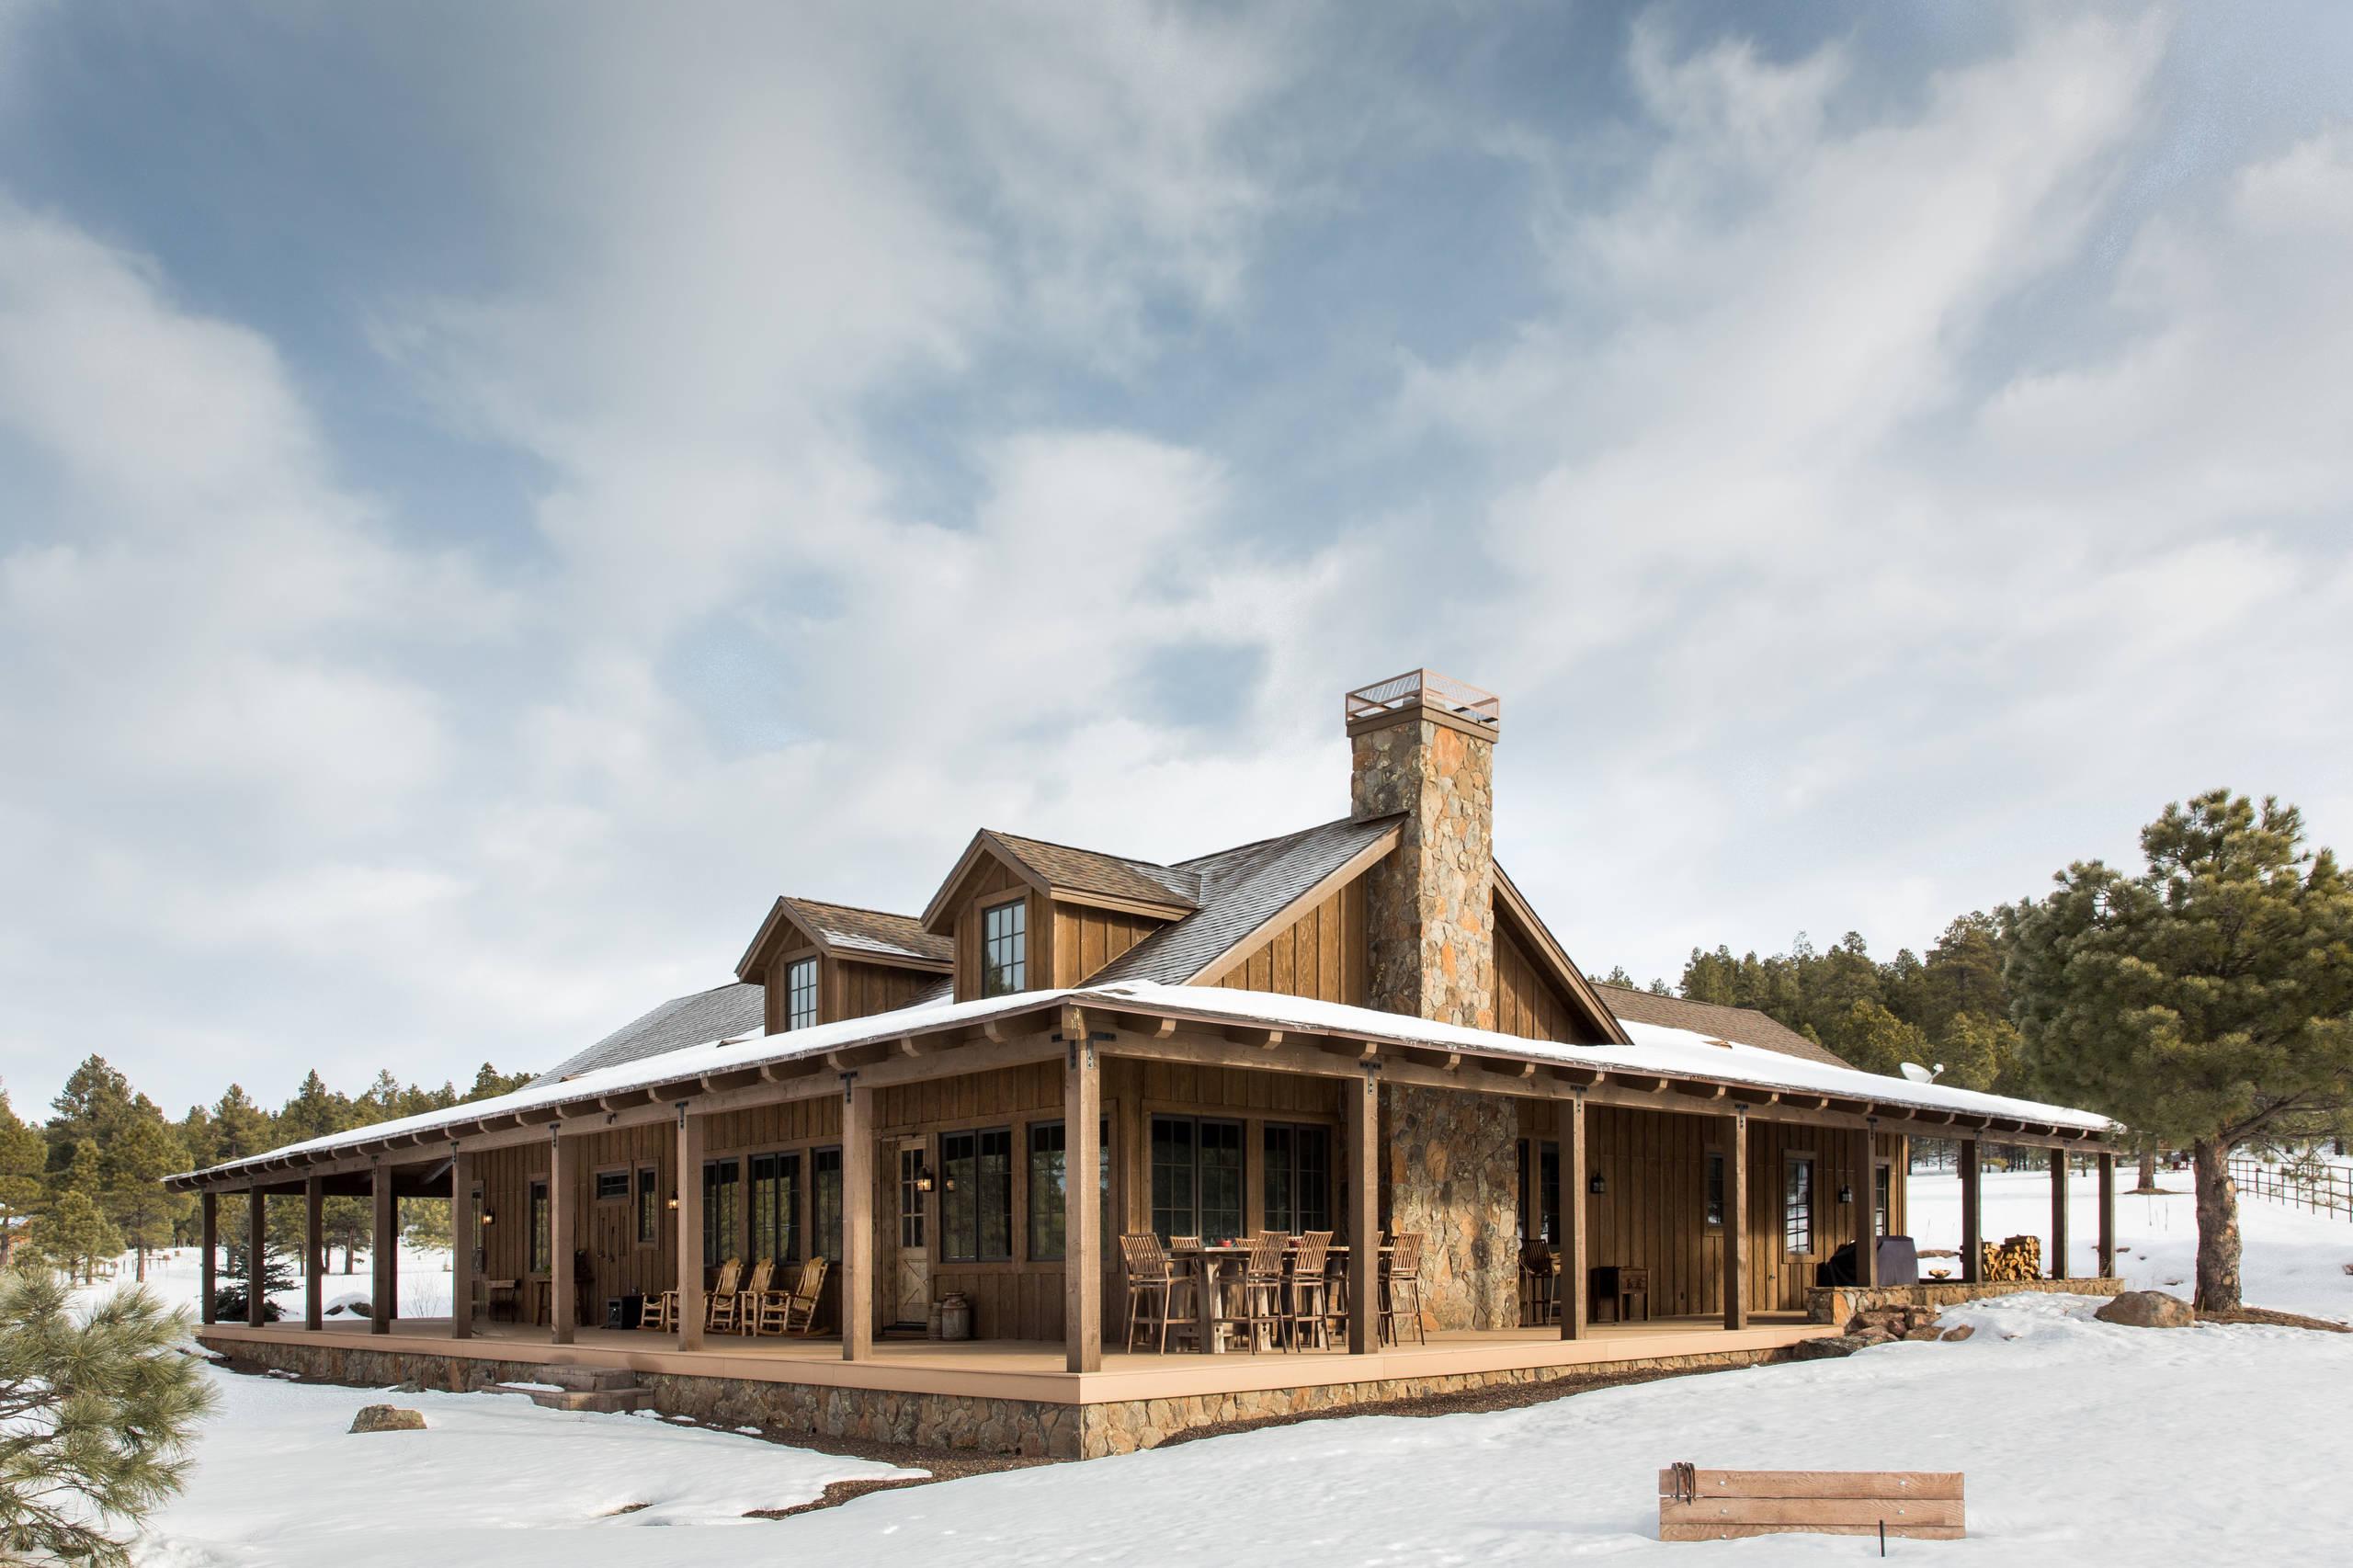 Ranch With Wrap Around Porch Exterior Ideas & Photos   Houzz